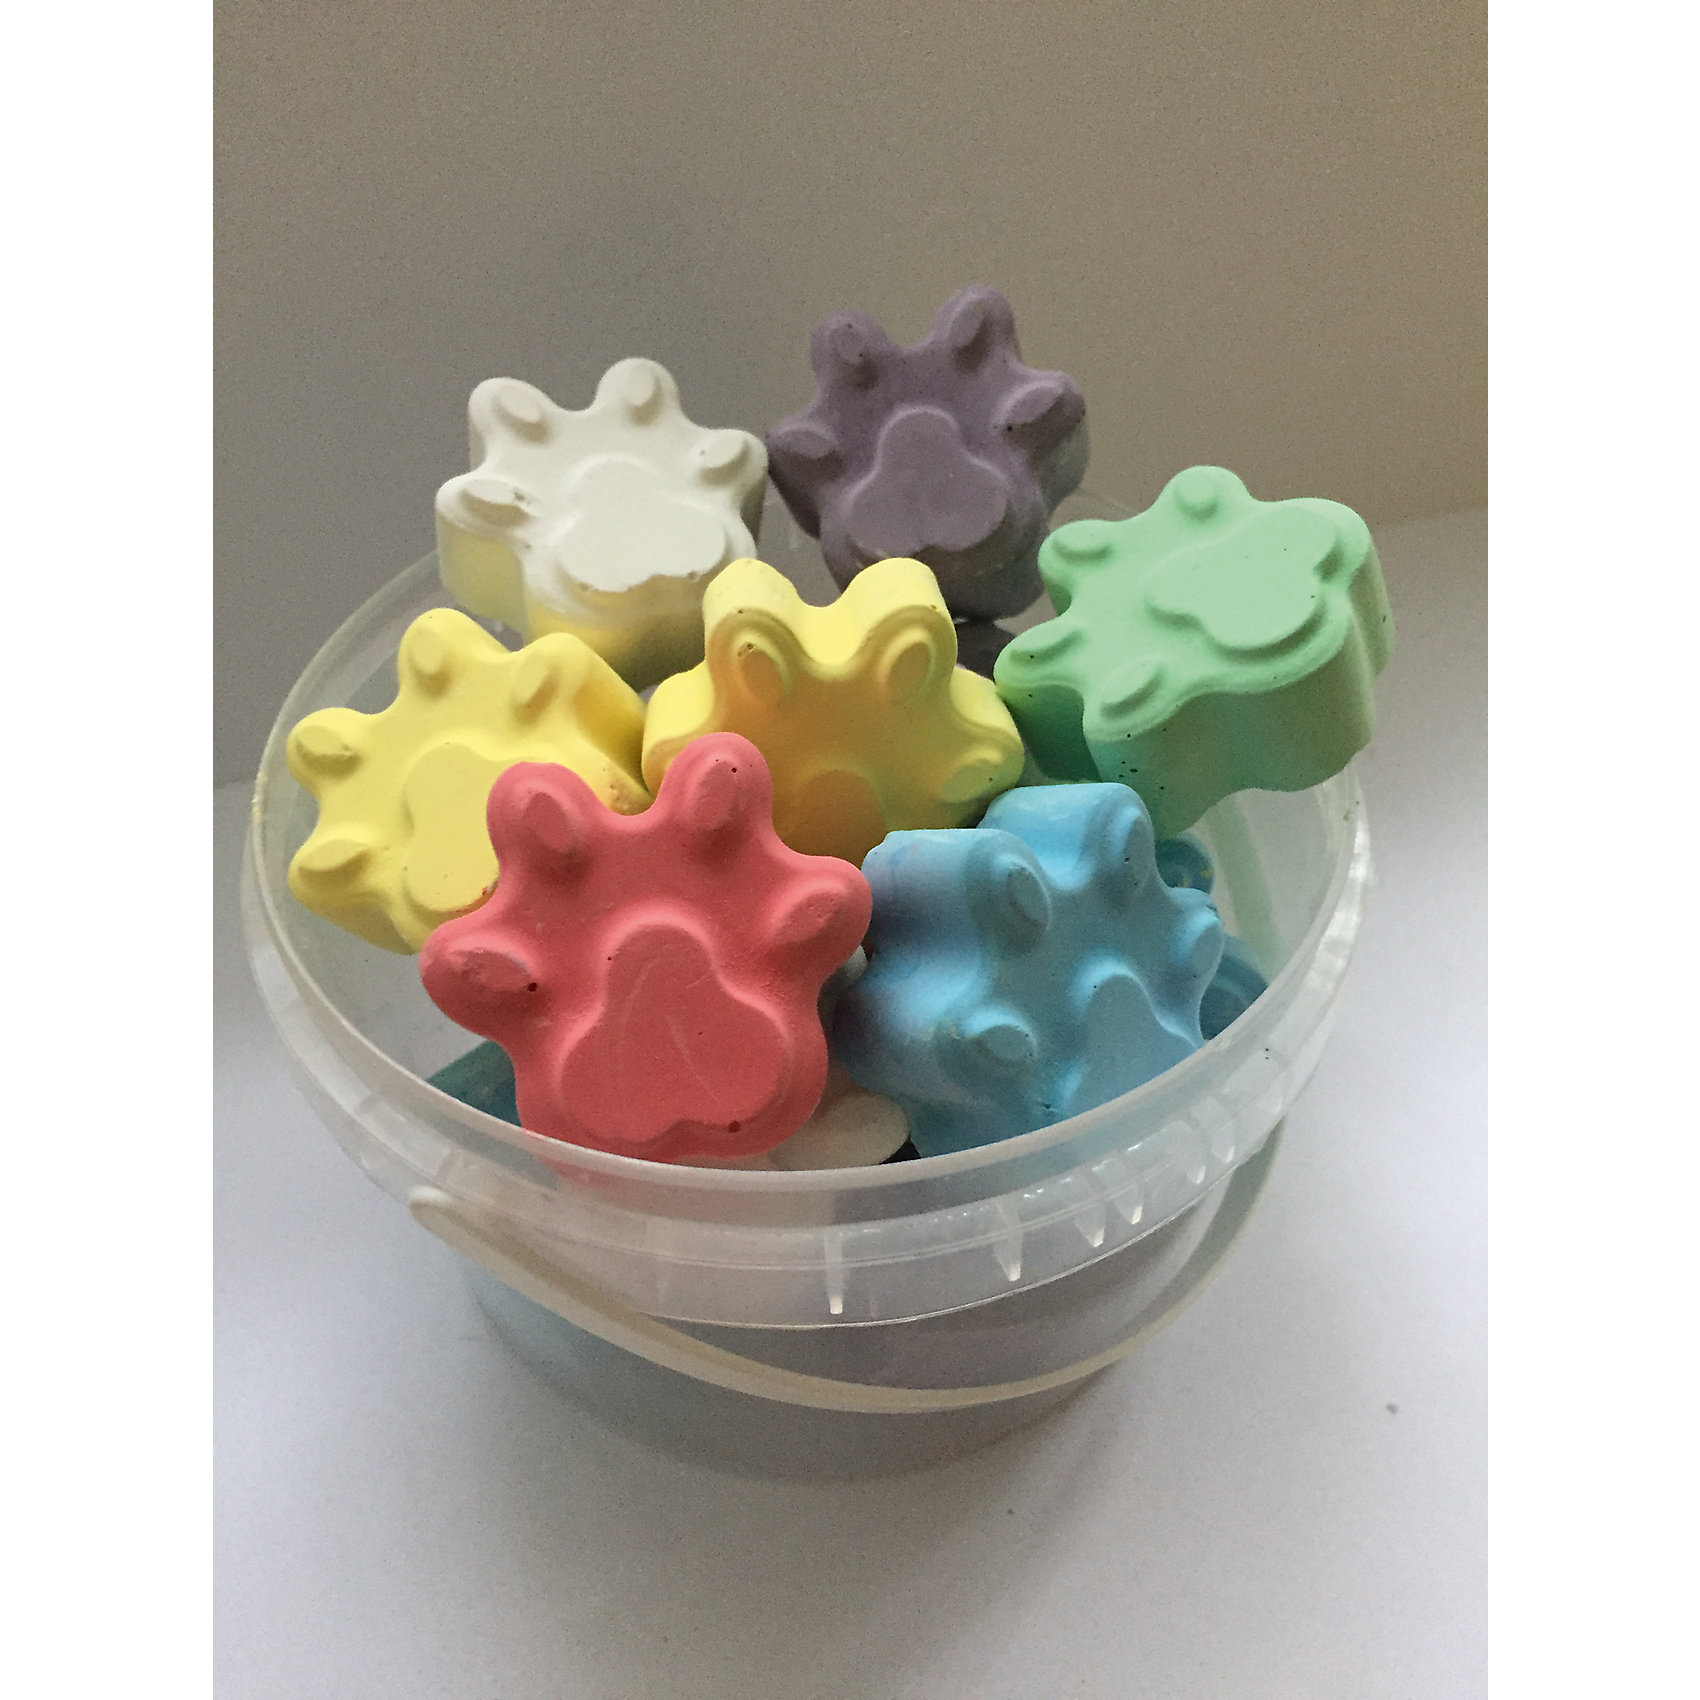 Мелки асфальтовые цветные в ведерке ЛапкиМелки для асфальта<br>Мелки асфальтовые цветные в ведерке Лапки.<br><br>Характеристики:<br><br>• В наборе: 14 разноцветных мелков<br>• Упаковка: пластиковое ведерко<br>• Размер упаковки: 10х10х6,5 см.<br>• Вес в упаковке: 270 гр.<br><br>Мелки асфальтные цветные в ведерке Лапки – помогут юным художникам преобразить мир вокруг. Мелки пригодятся для игры в классики, помогут создать огромные картины на асфальте и прекрасные рисунки на доске дома, в школе или в детском саду. Мелки выполнены в форме лапок, что привлечет внимание ребенка и будет стимулировать интерес к рисованию. <br><br>Мелки имеют яркие насыщенные цвета, легко наносятся, так что рисовать ими - одно удовольствие! Мелки упакованы в пластиковое ведро, в котором их удобно брать с собой на прогулку и хранить. Рисование мелками развивает не только моторику рук, но и стимулирует творческое воображение, фантазию, цветовосприятие. Мелки безопасны при использовании по назначению.<br><br>Мелки асфальтовые цветные в ведерке Лапки можно купить в нашем интернет-магазине.<br><br>Ширина мм: 100<br>Глубина мм: 100<br>Высота мм: 65<br>Вес г: 280<br>Возраст от месяцев: 36<br>Возраст до месяцев: 2147483647<br>Пол: Унисекс<br>Возраст: Детский<br>SKU: 5482095